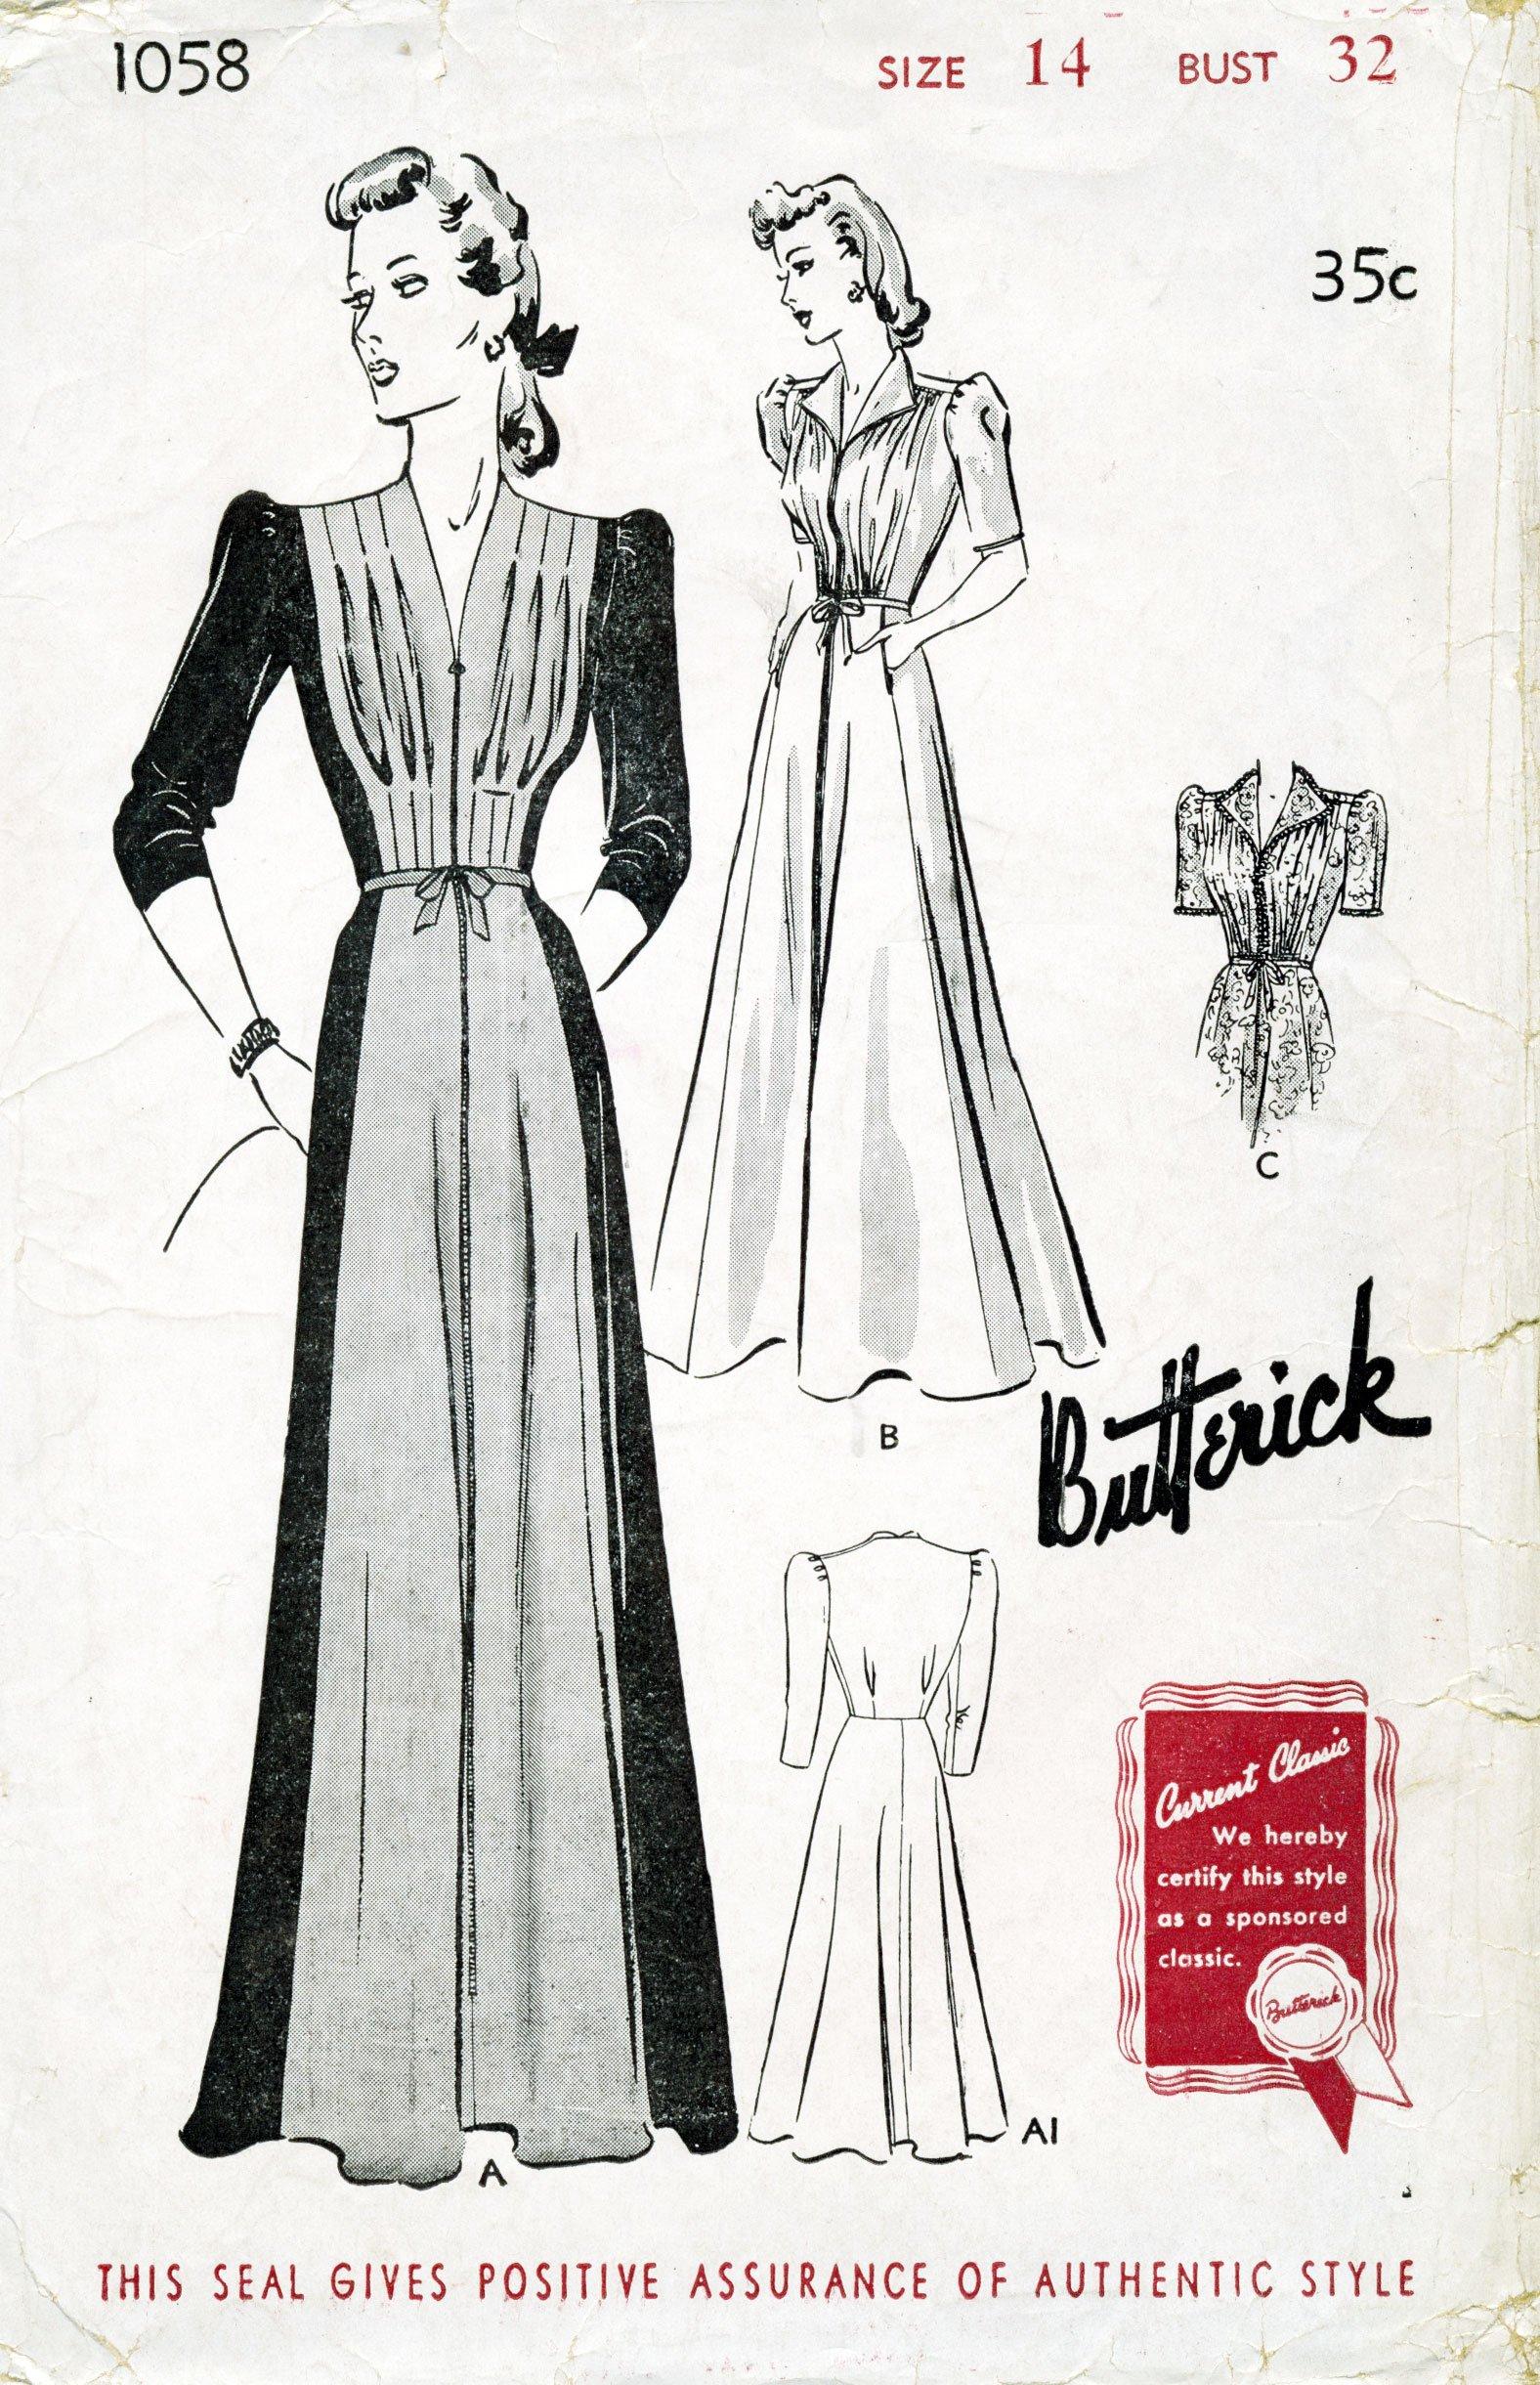 Butterick 1058